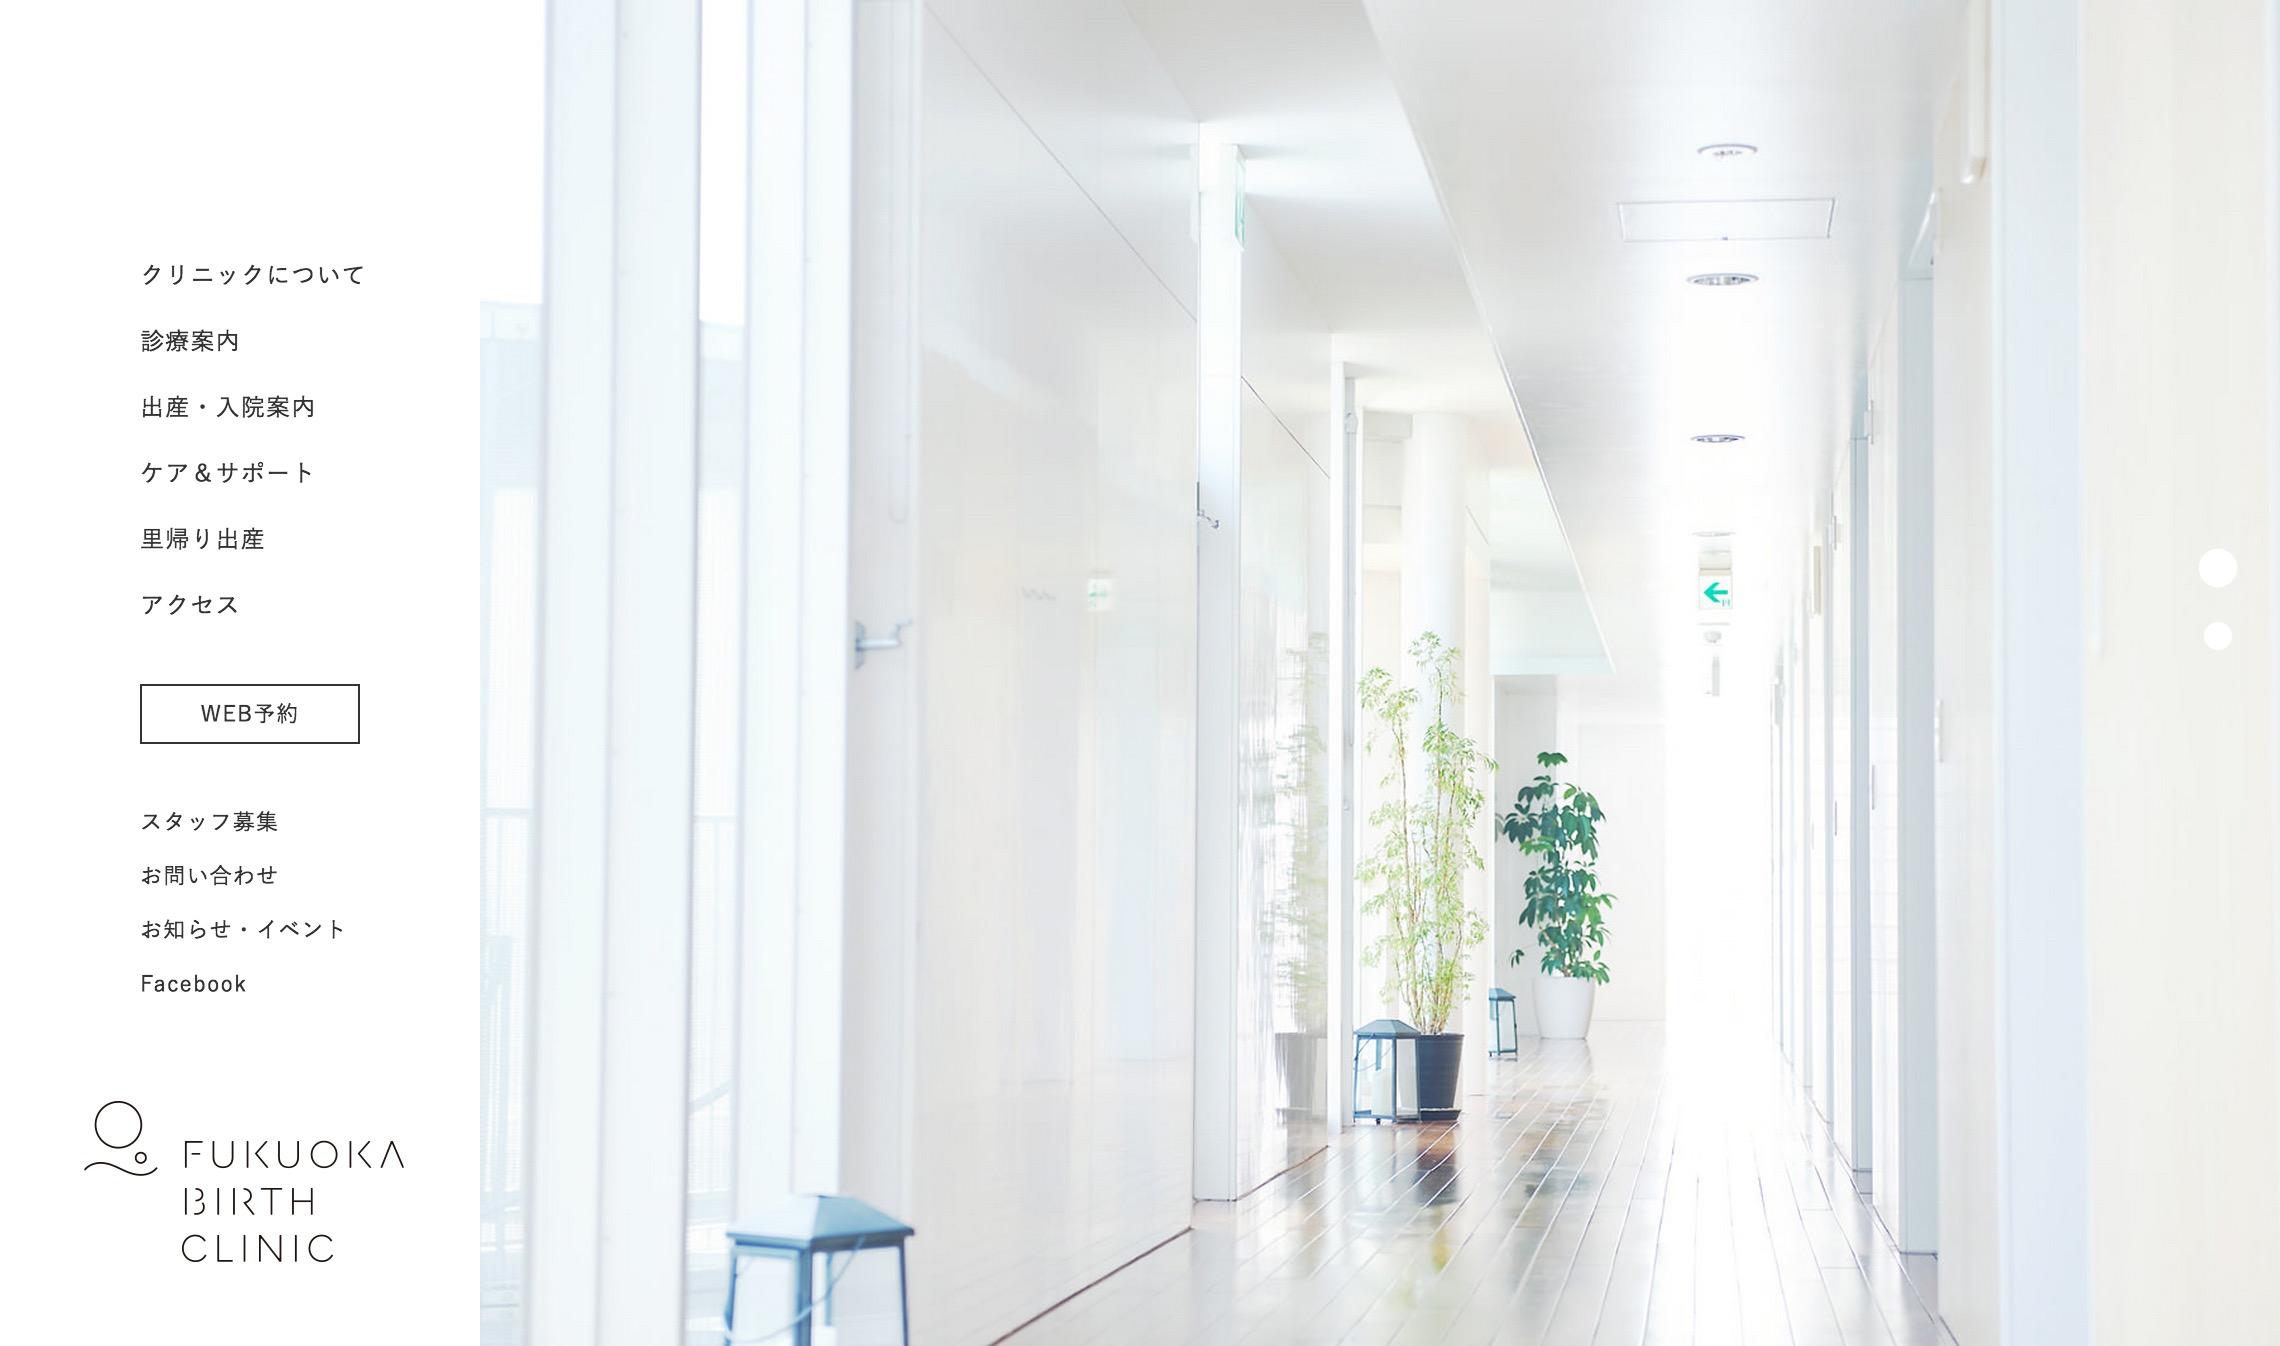 福岡市西区の産婦人科 フクオカバースクリニック   FUKUOKA BIRTH CLINIC